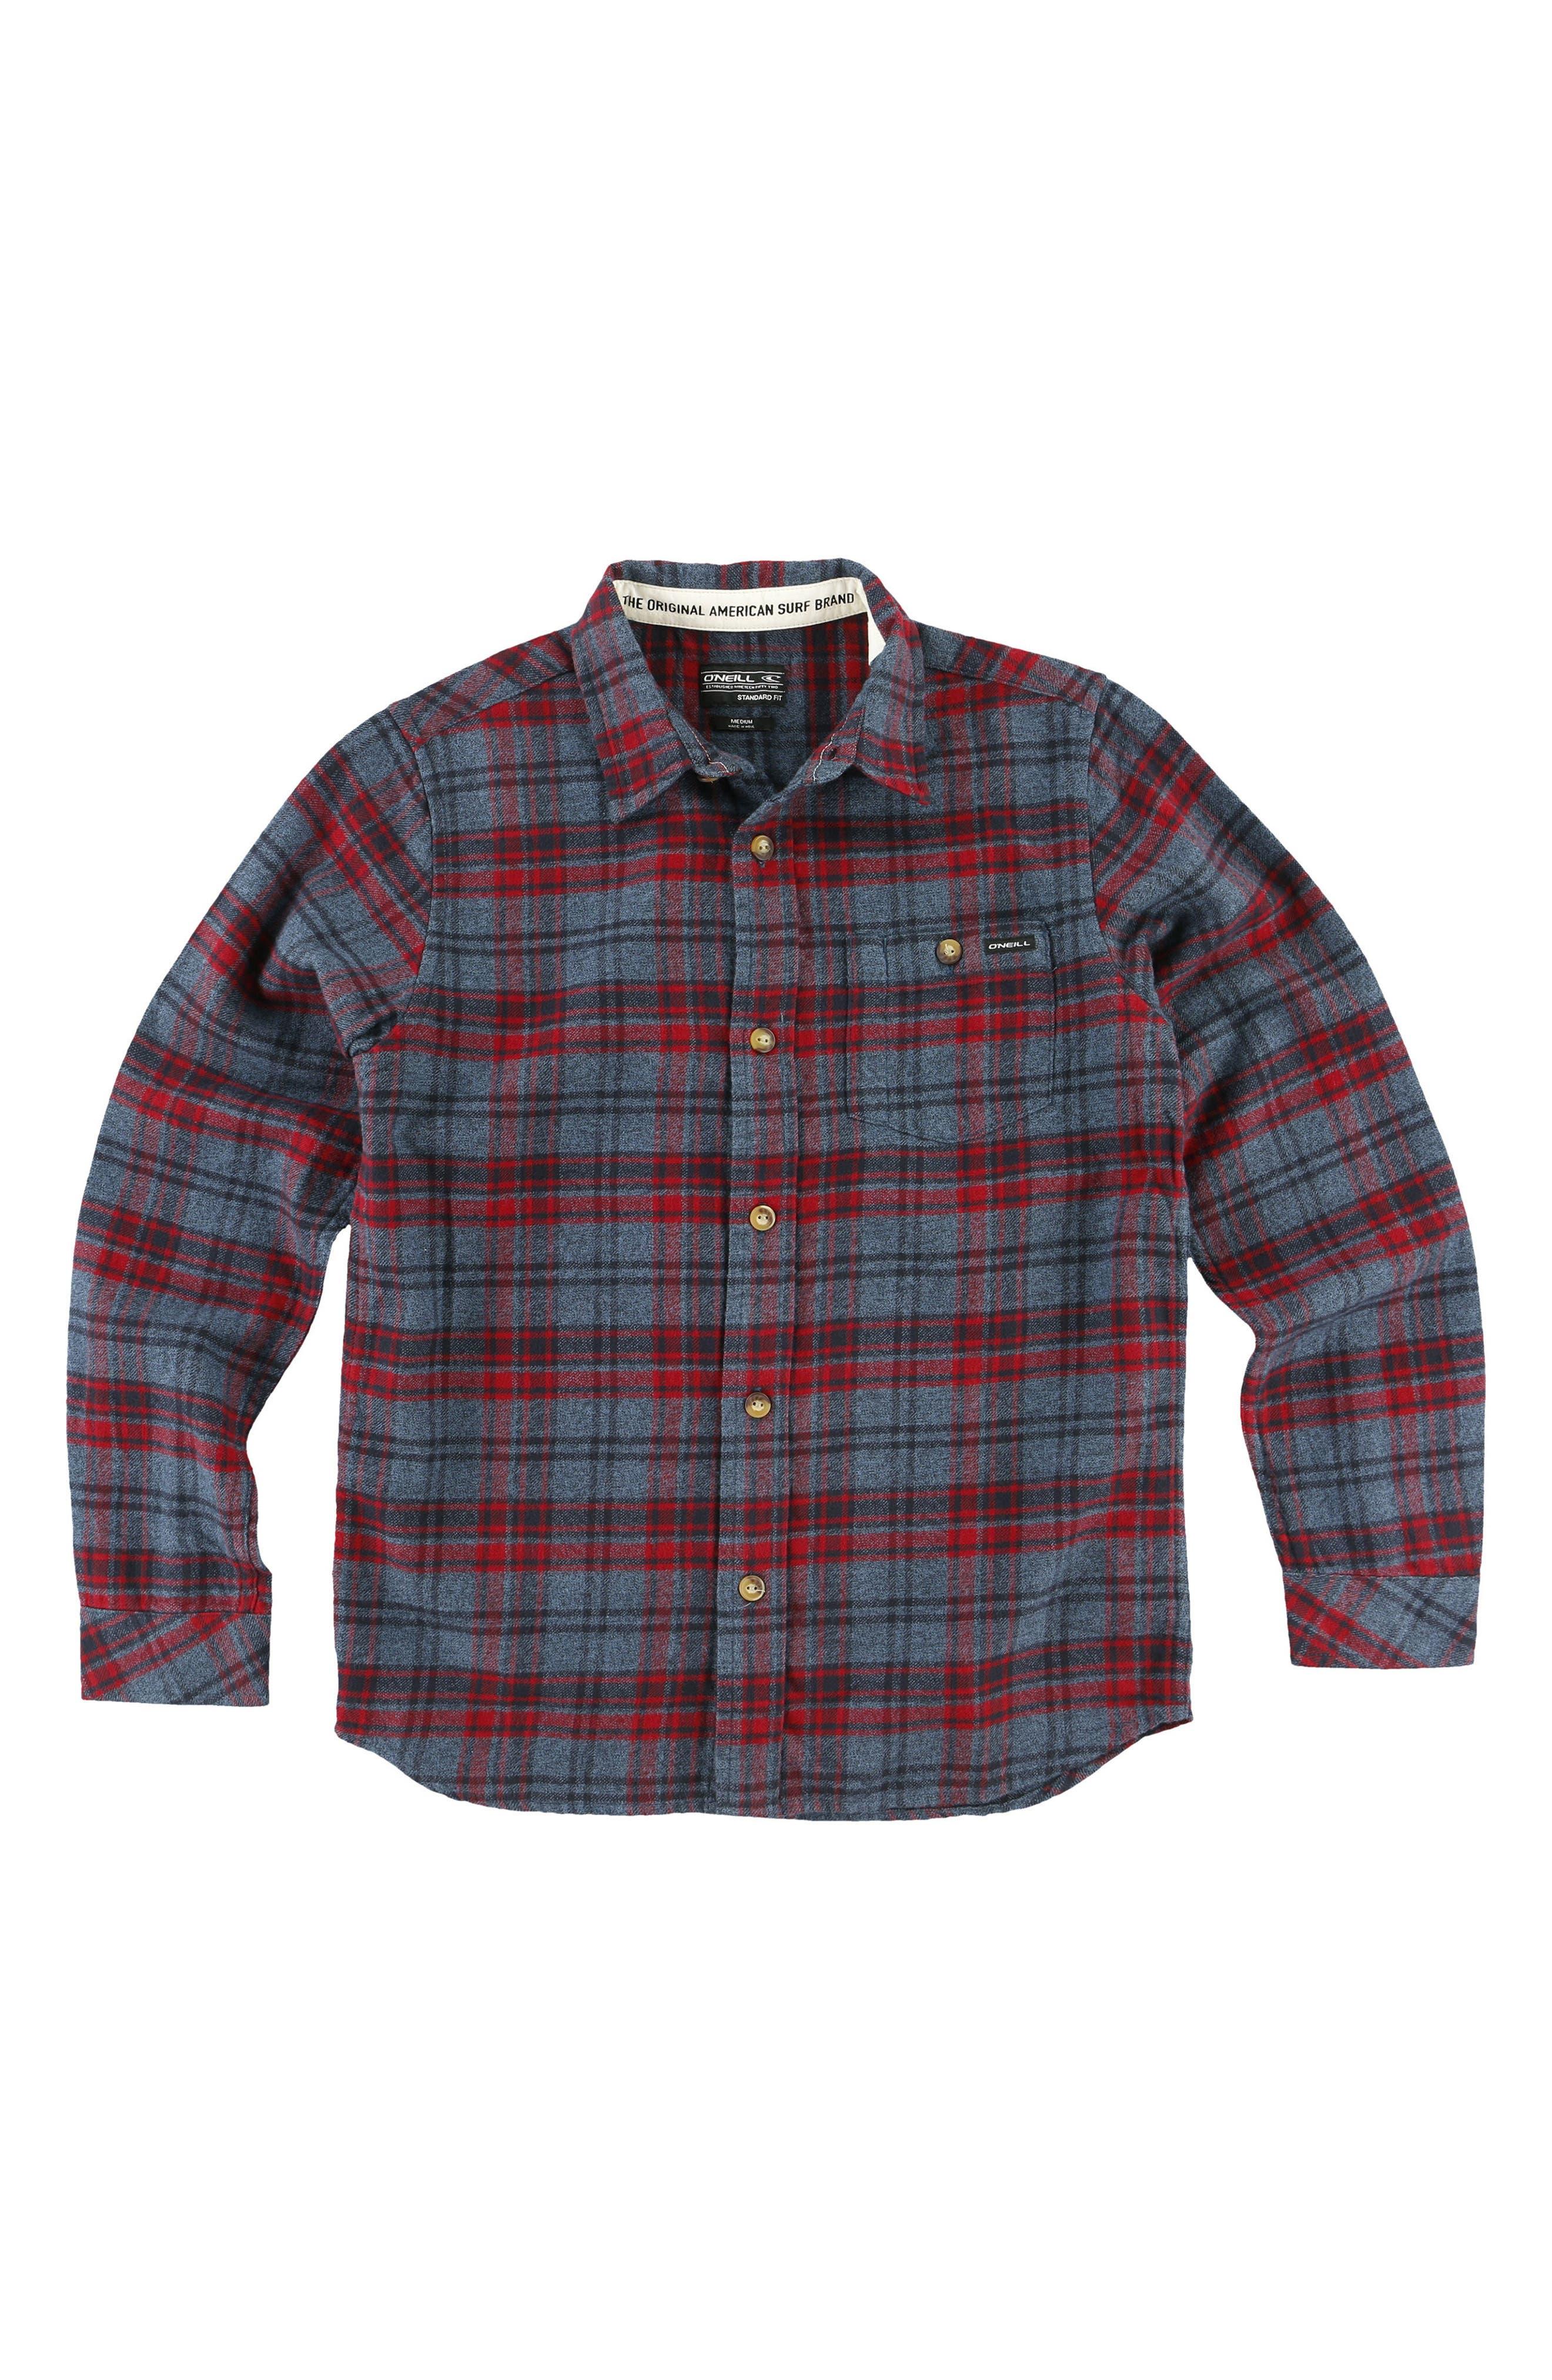 O'Neill Redmond Flannel Shirt (Big Boys)